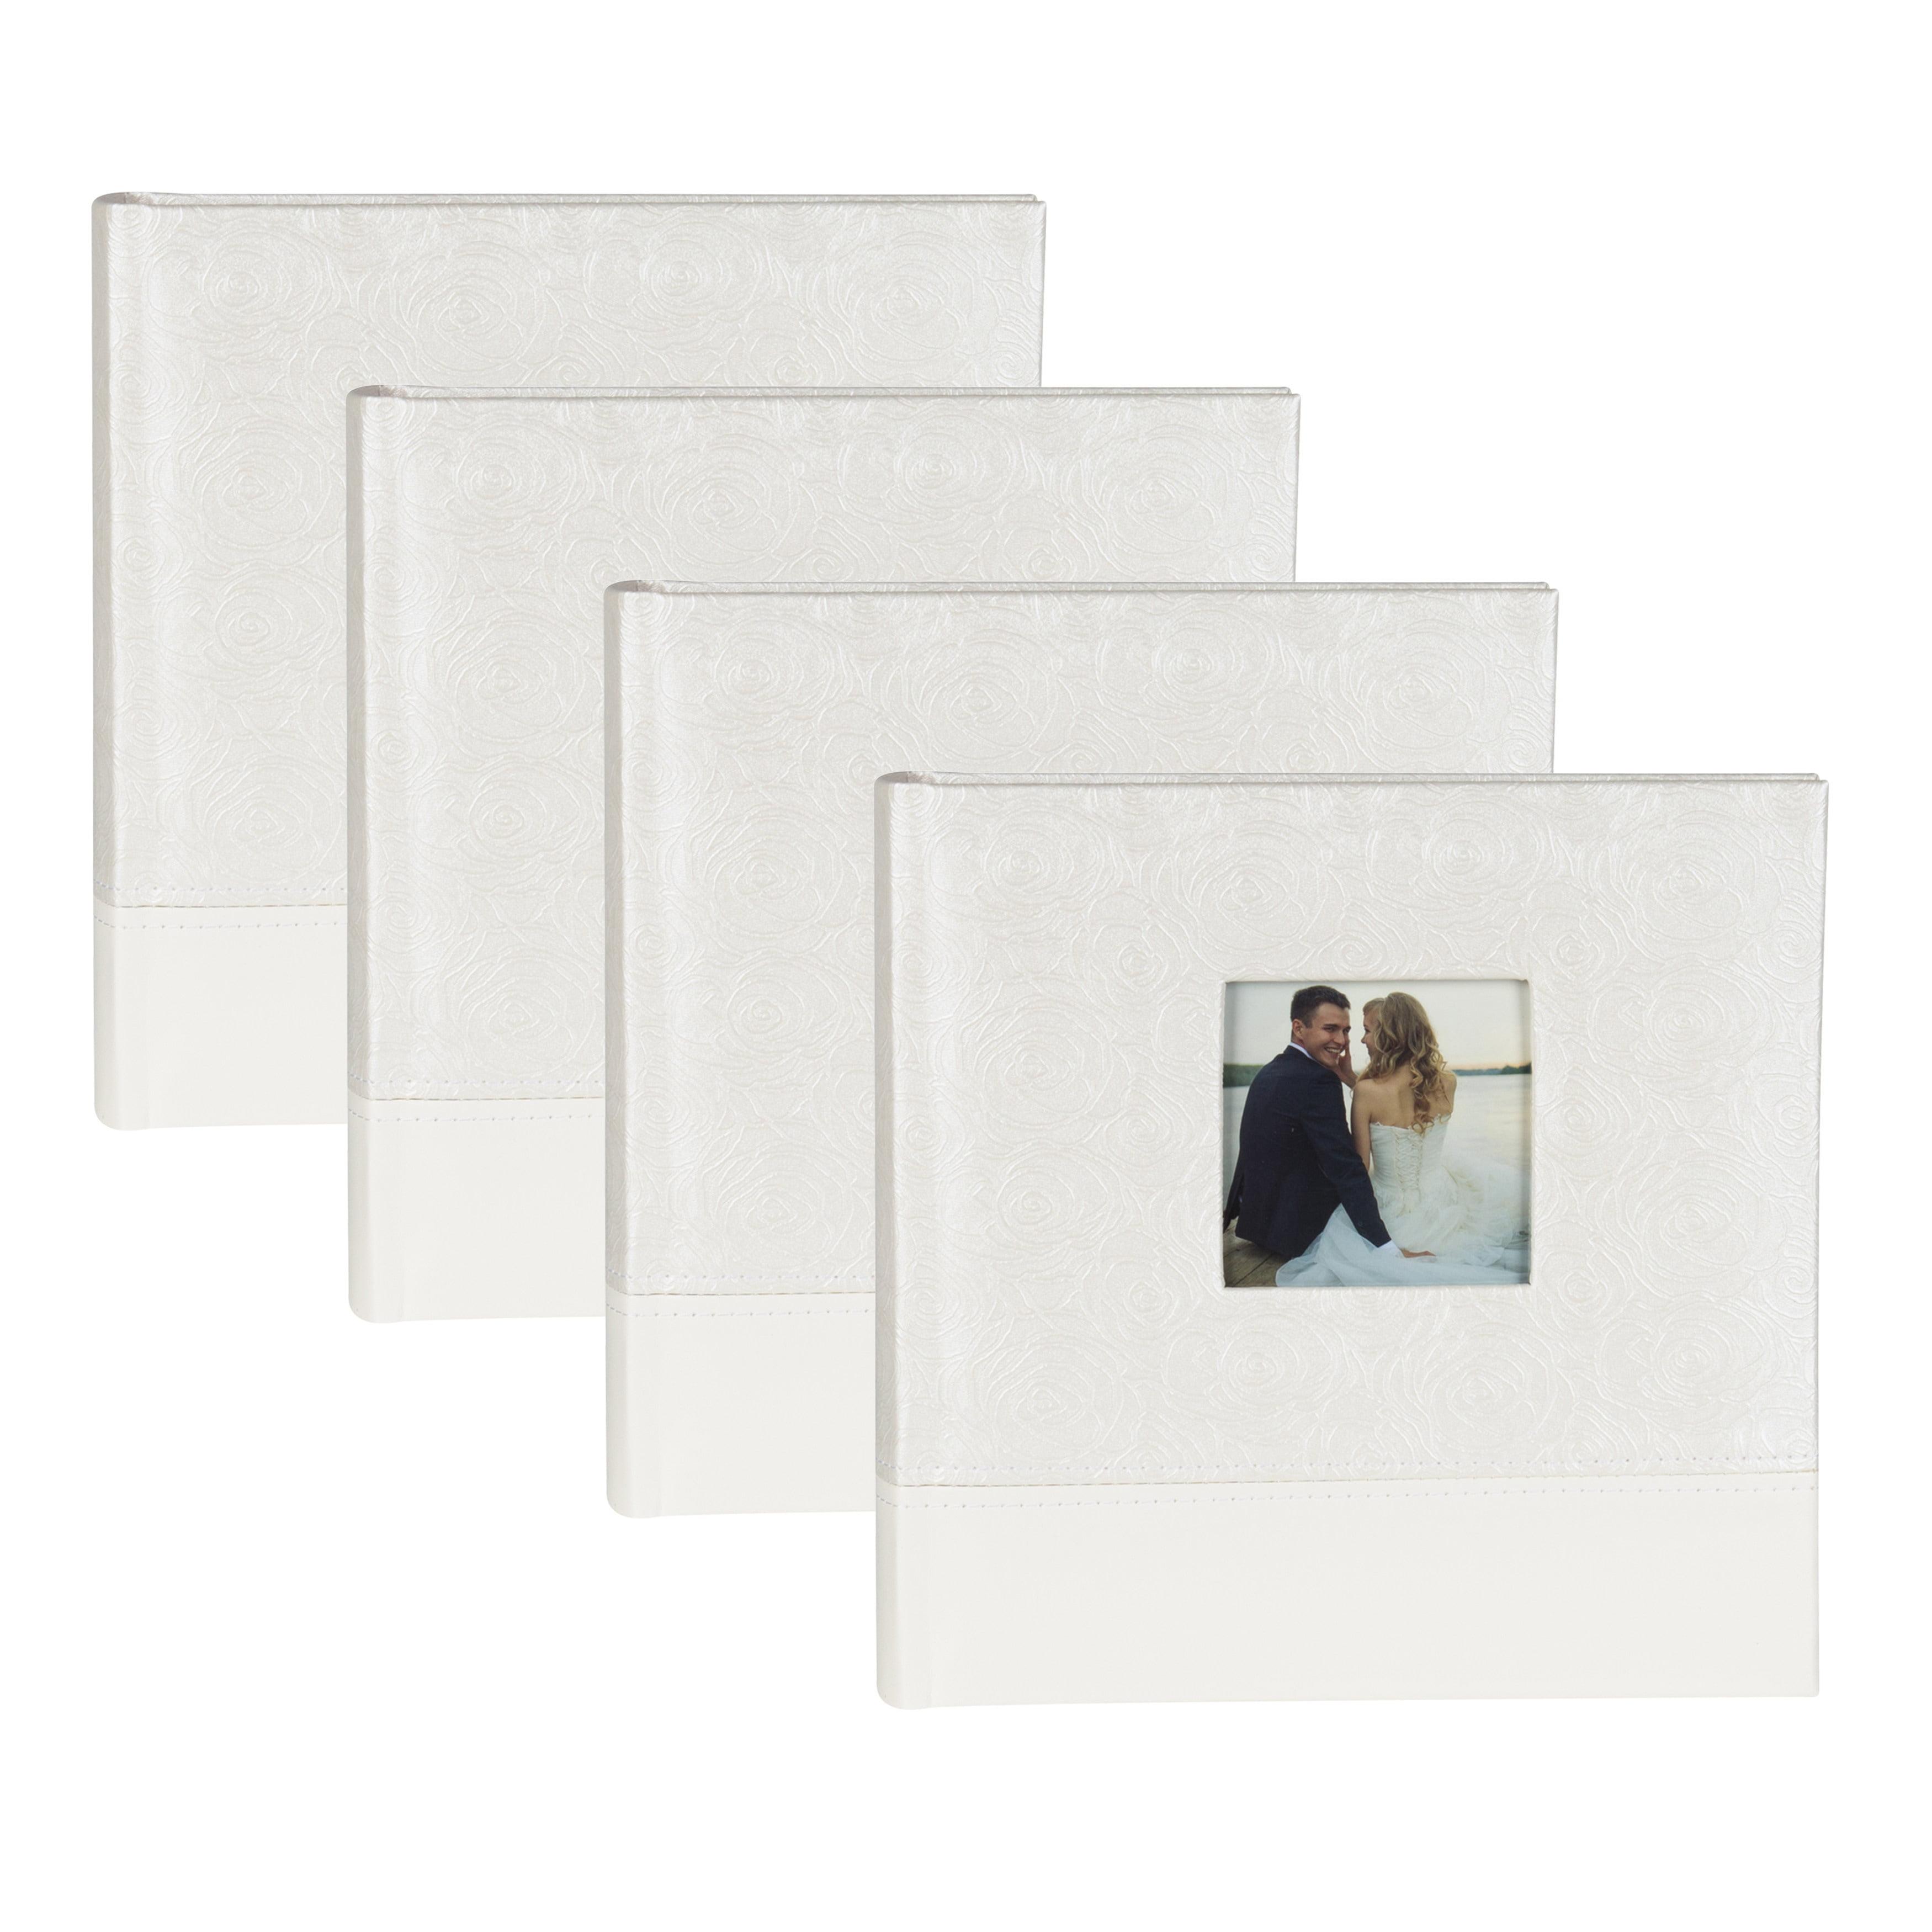 Designovation White Fabric Bridal Wedding Photo Opening Photo Album (Set of 4) by Overstock